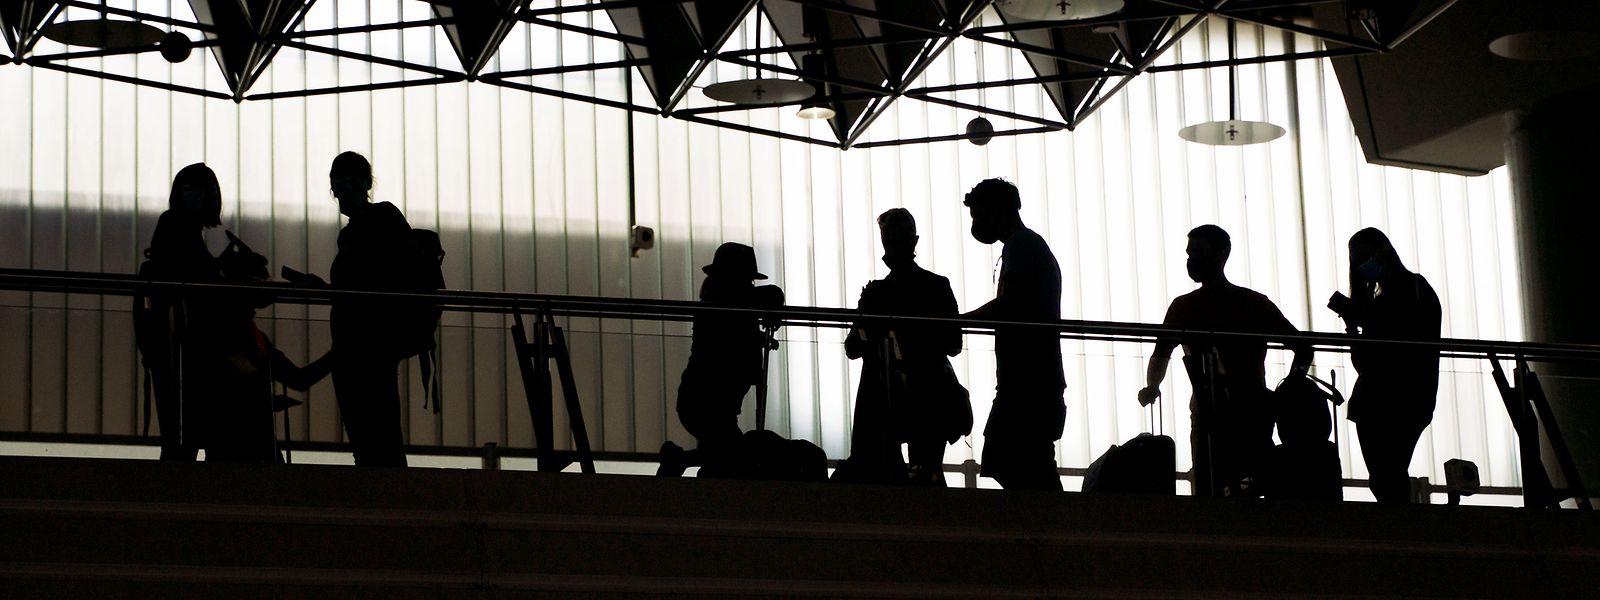 Warten auf einen Coronatest am Frankfurter Flughafen:Die Pandemie hat das gewohnte Reisen stark verändert.